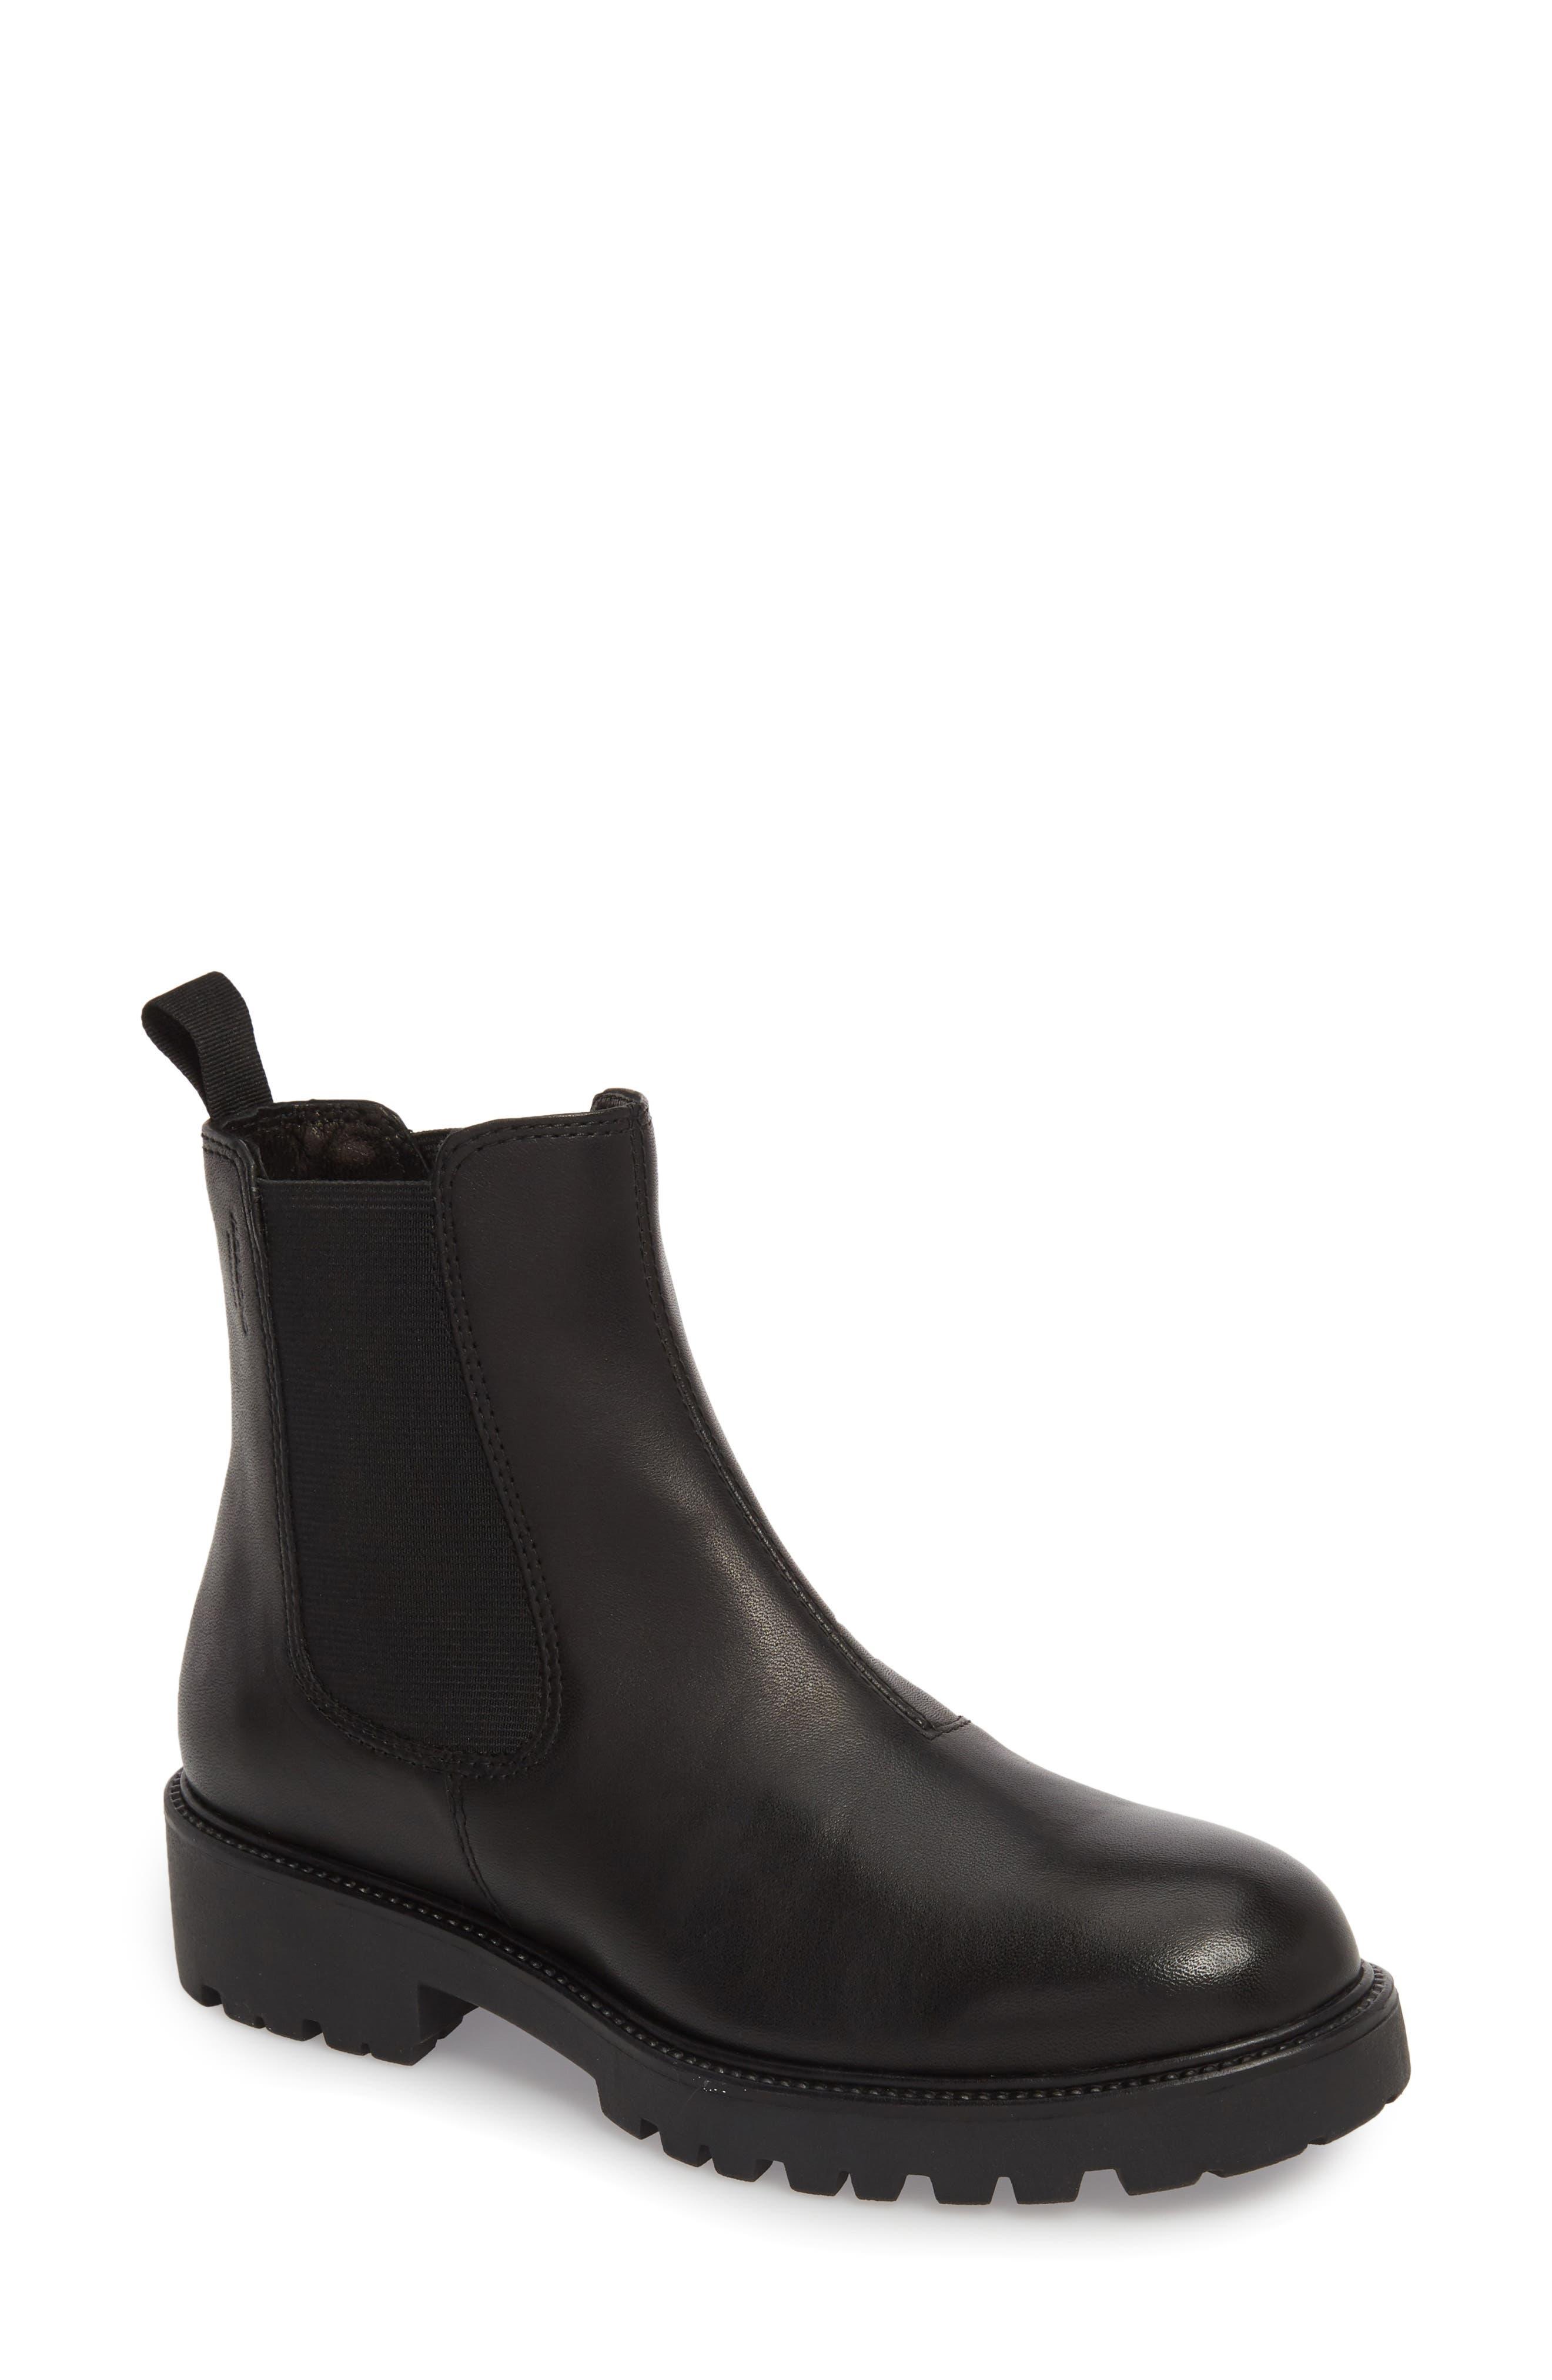 Kenova Lugged Chelsea Boot,                             Main thumbnail 1, color,                             BLACK LEATHER